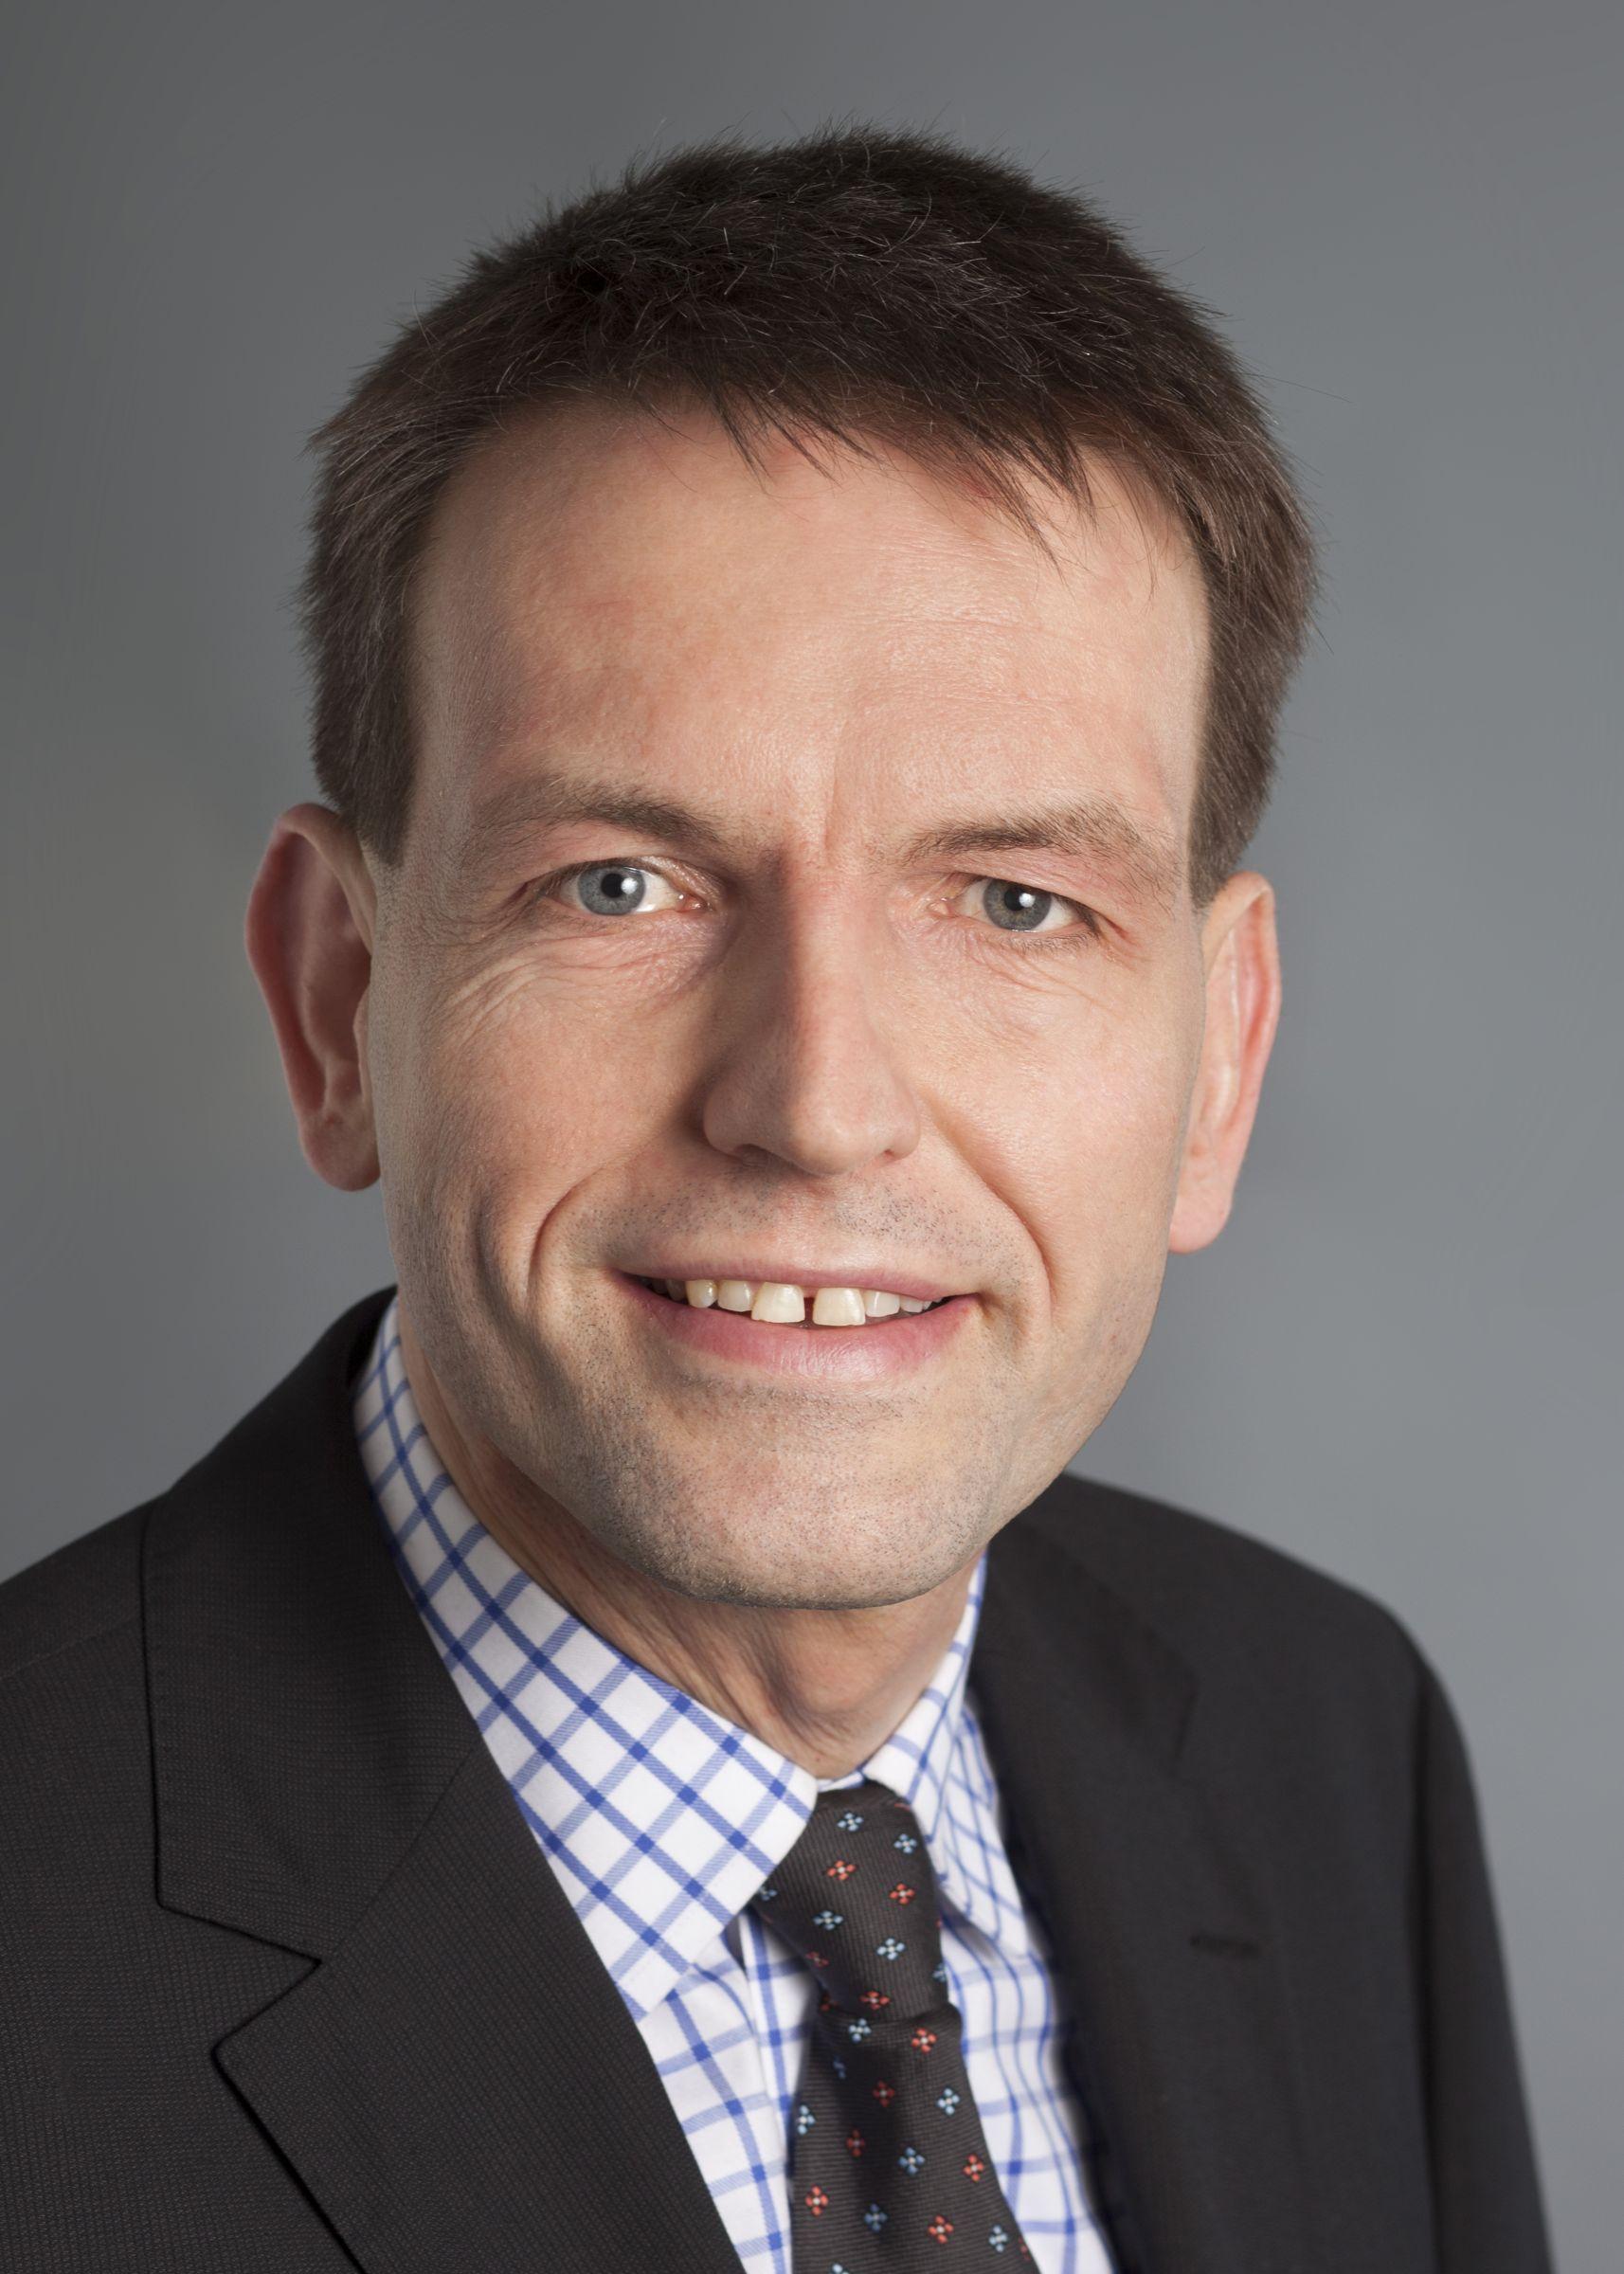 Ulrich Feldkämper